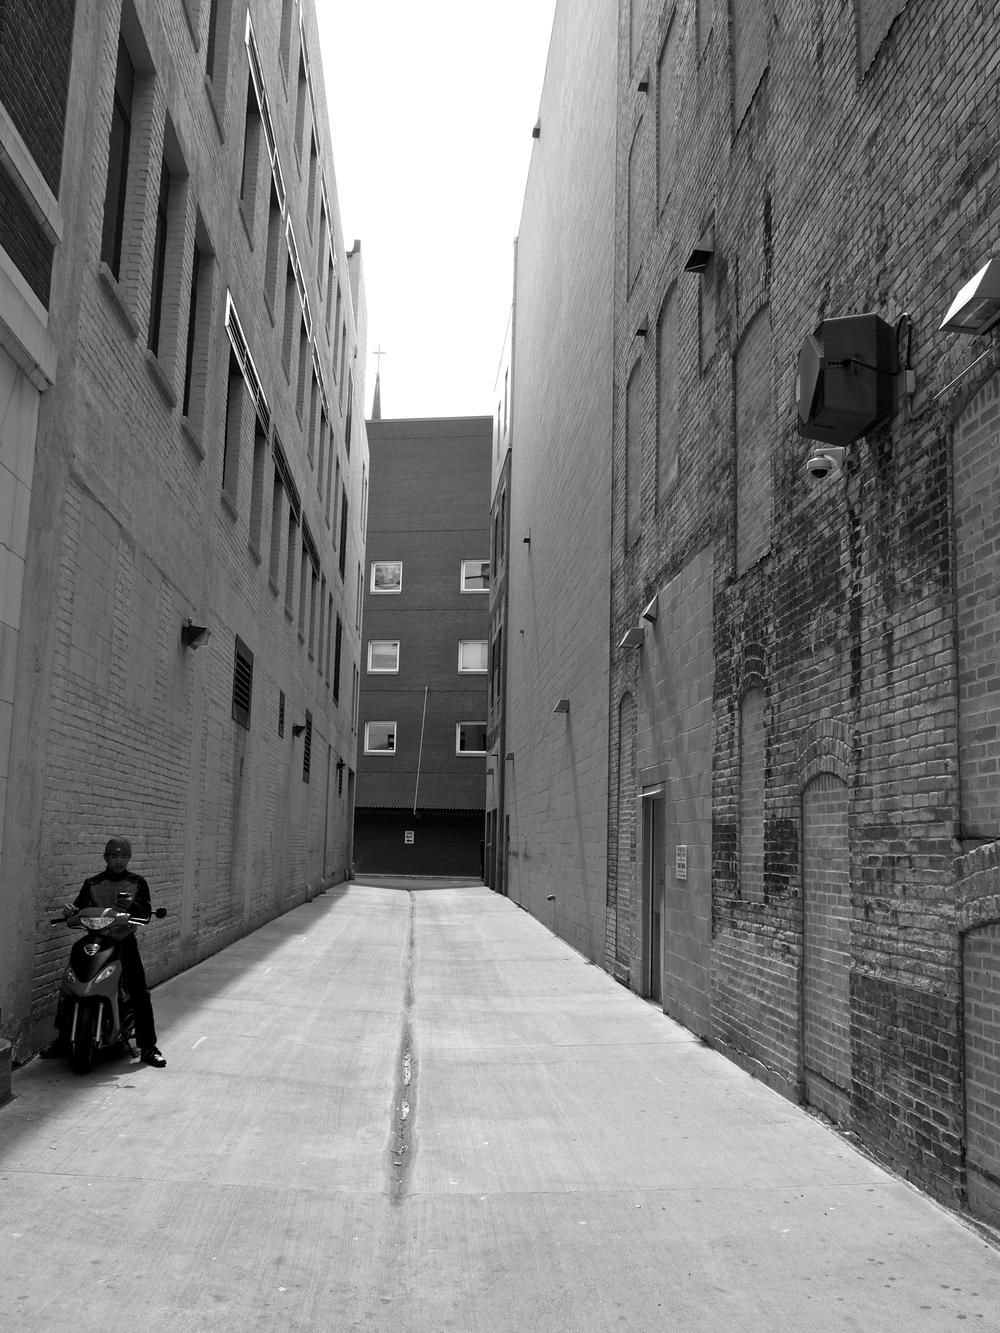 Alley, Minneapolis, 2012